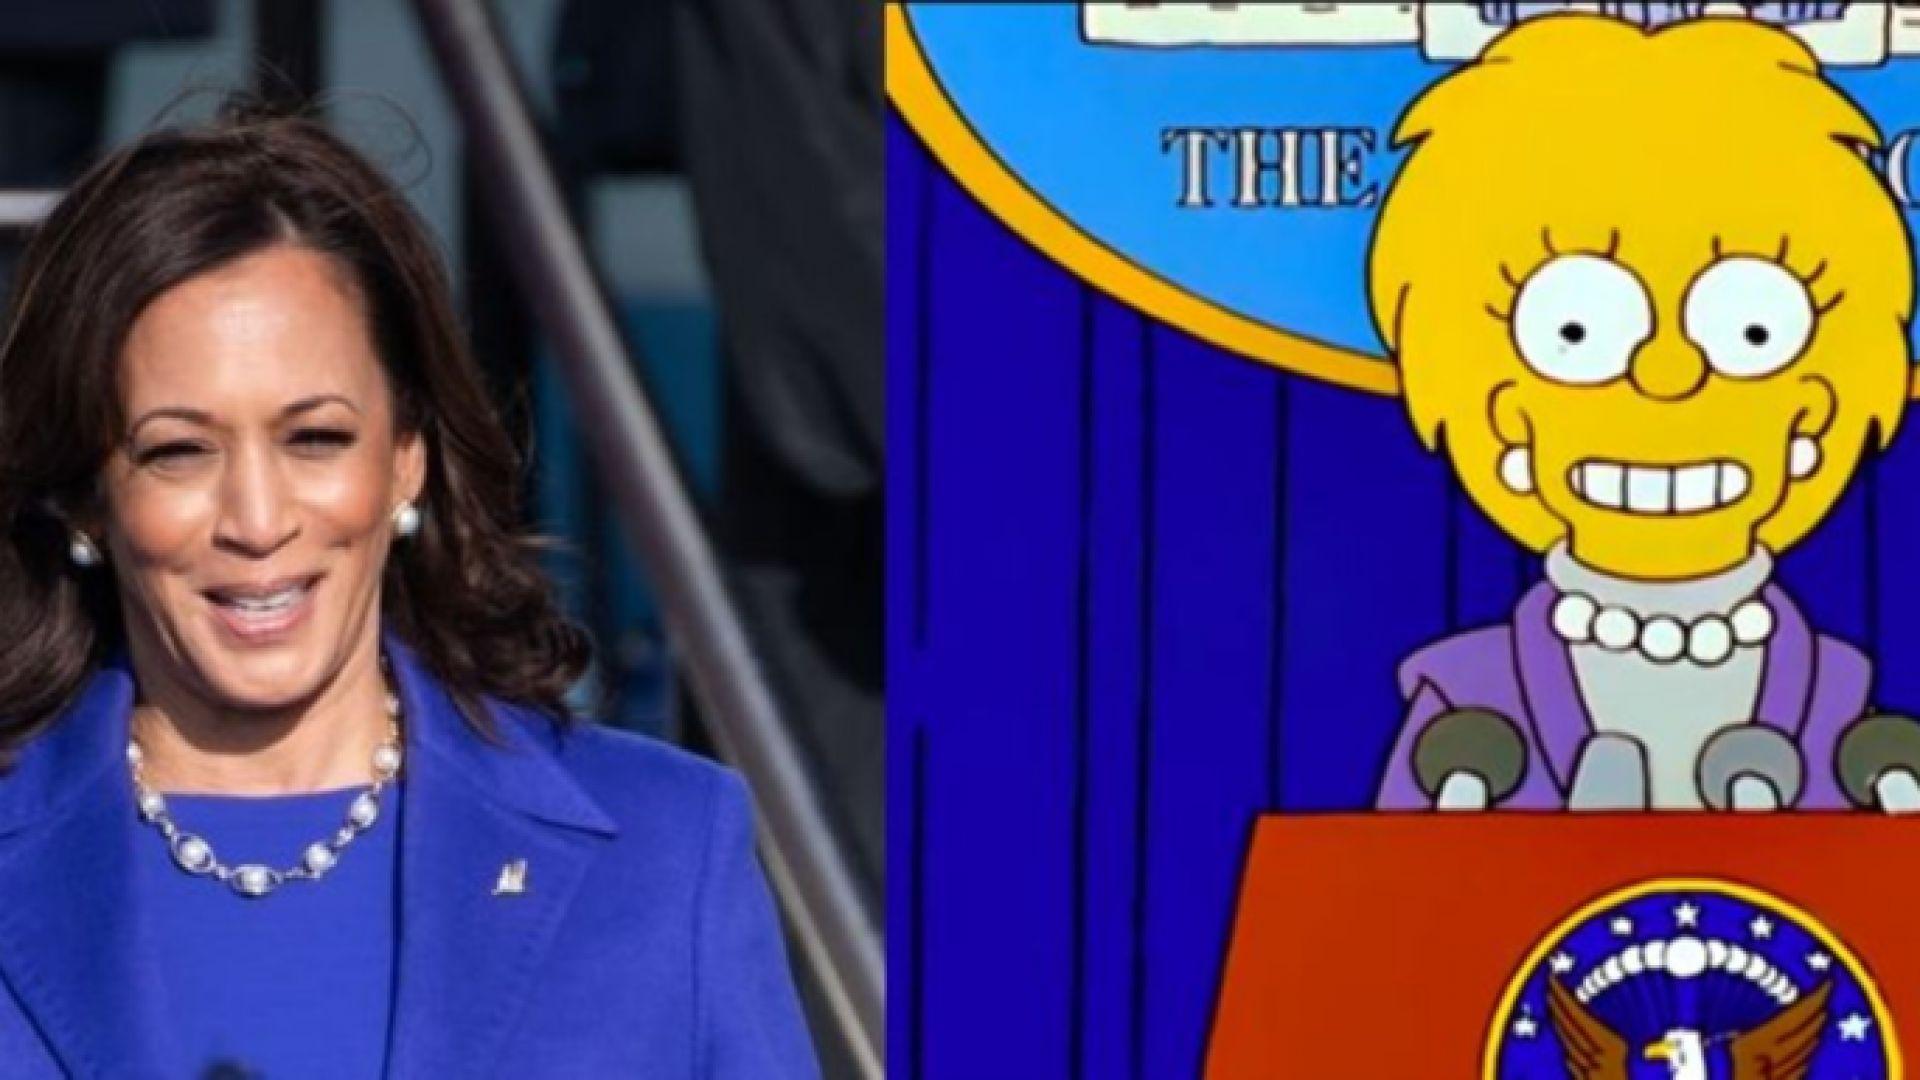 """Дали """"Семейство Симпсън"""" отново предсказа бъдещето: Лиса Симпсън като Камала Харис"""